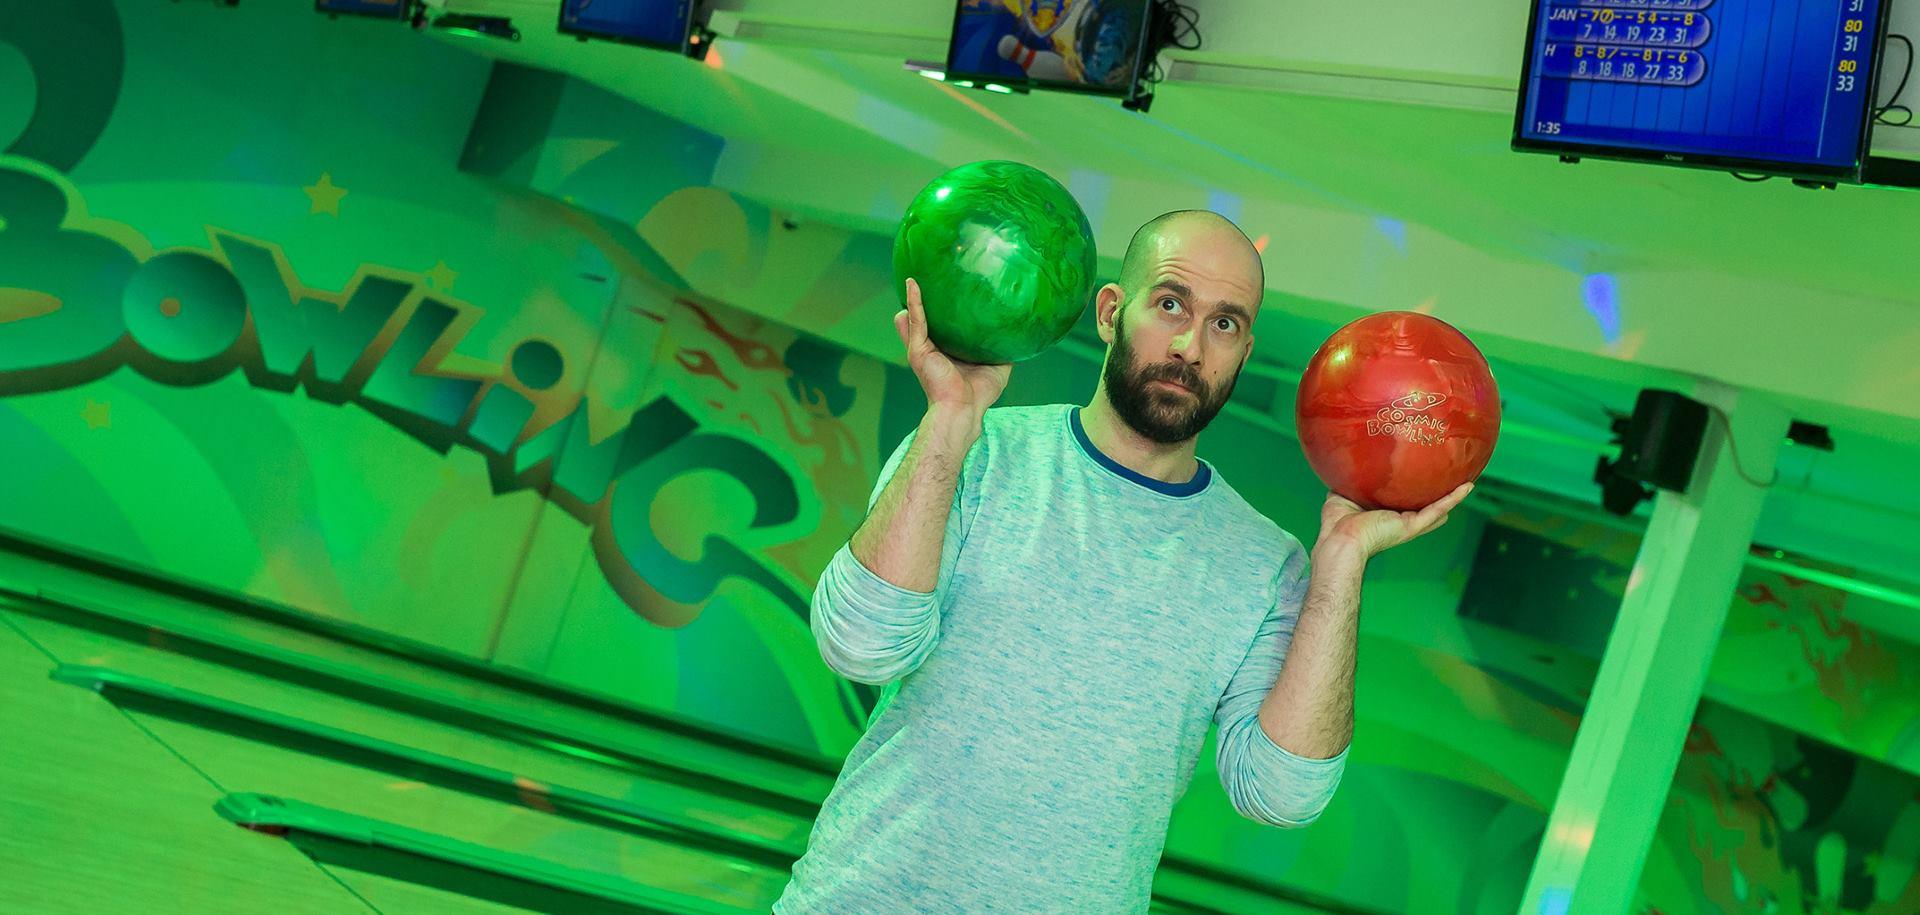 FOTO: Antonija Šola, članovi grupe Colonia, Daniel Bilić i Robert Hromalić okušali se u bowling izazovu